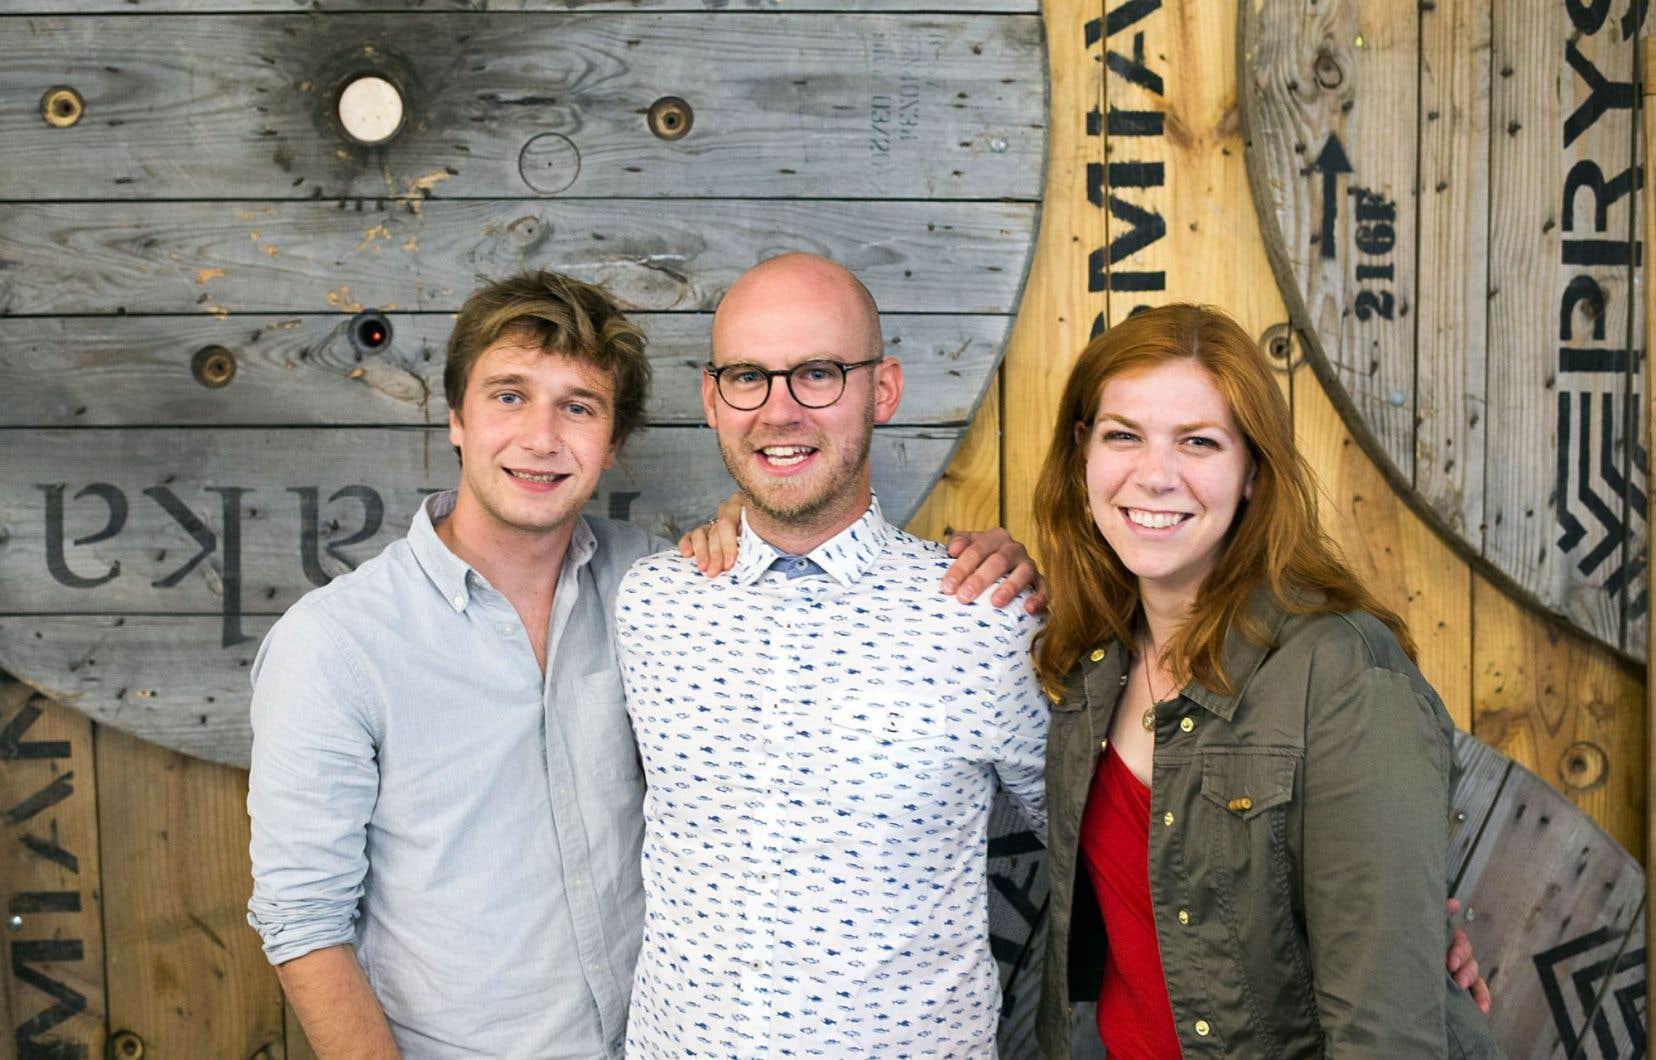 Julien Le Net, Olivier Demers-Dubé et Émilie Nollet sont les entrepreneurs derrière ÉAU, une jeune compagnie d'aquaponie.